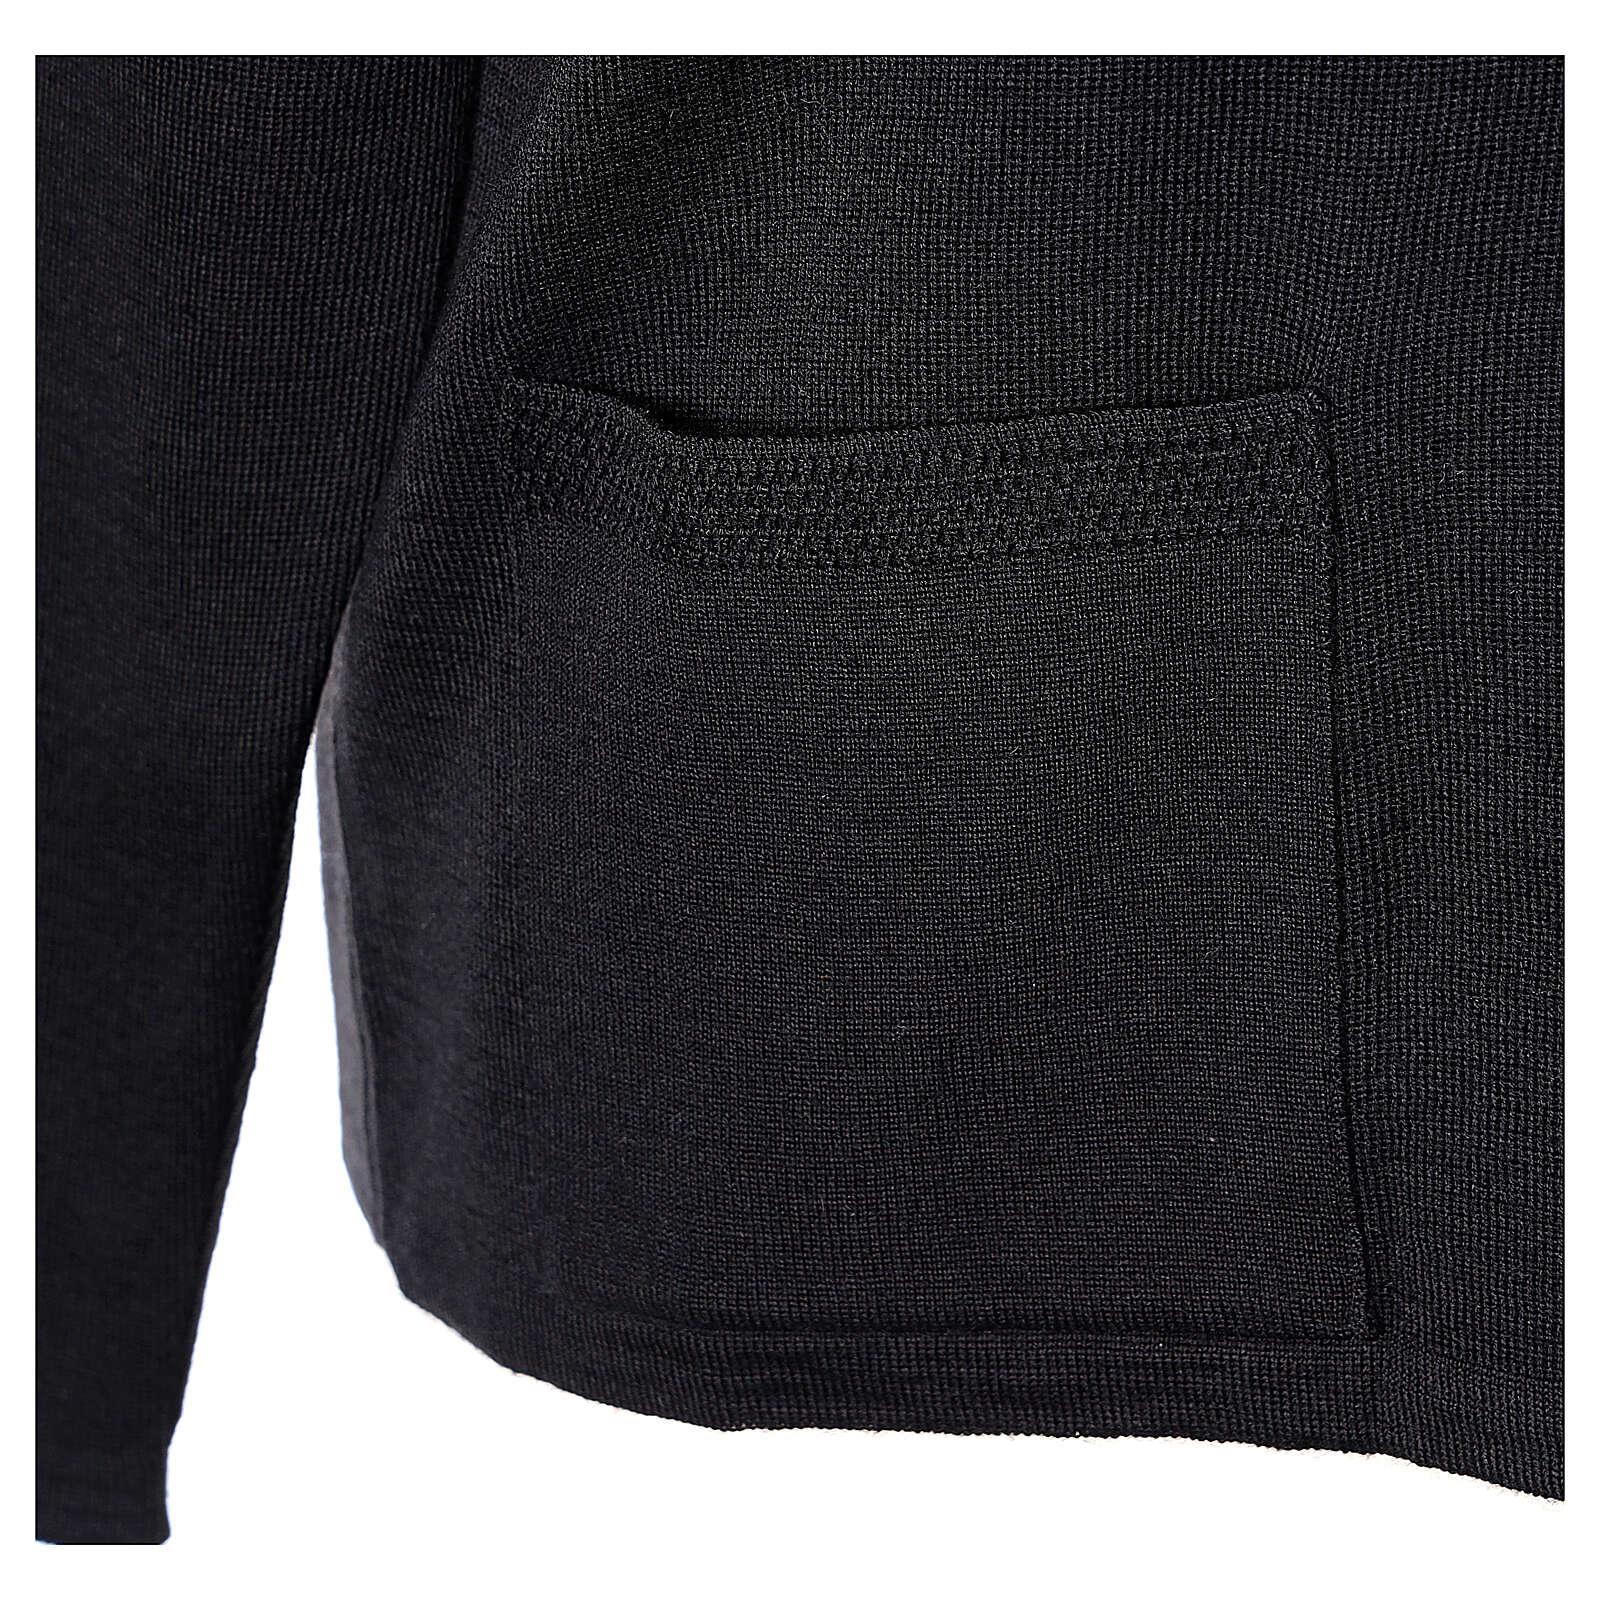 Damen-Cardigan, schwarz, mit Taschen und V-Ausschnitt, 50% Acryl - 50% Merinowolle, In Primis 4